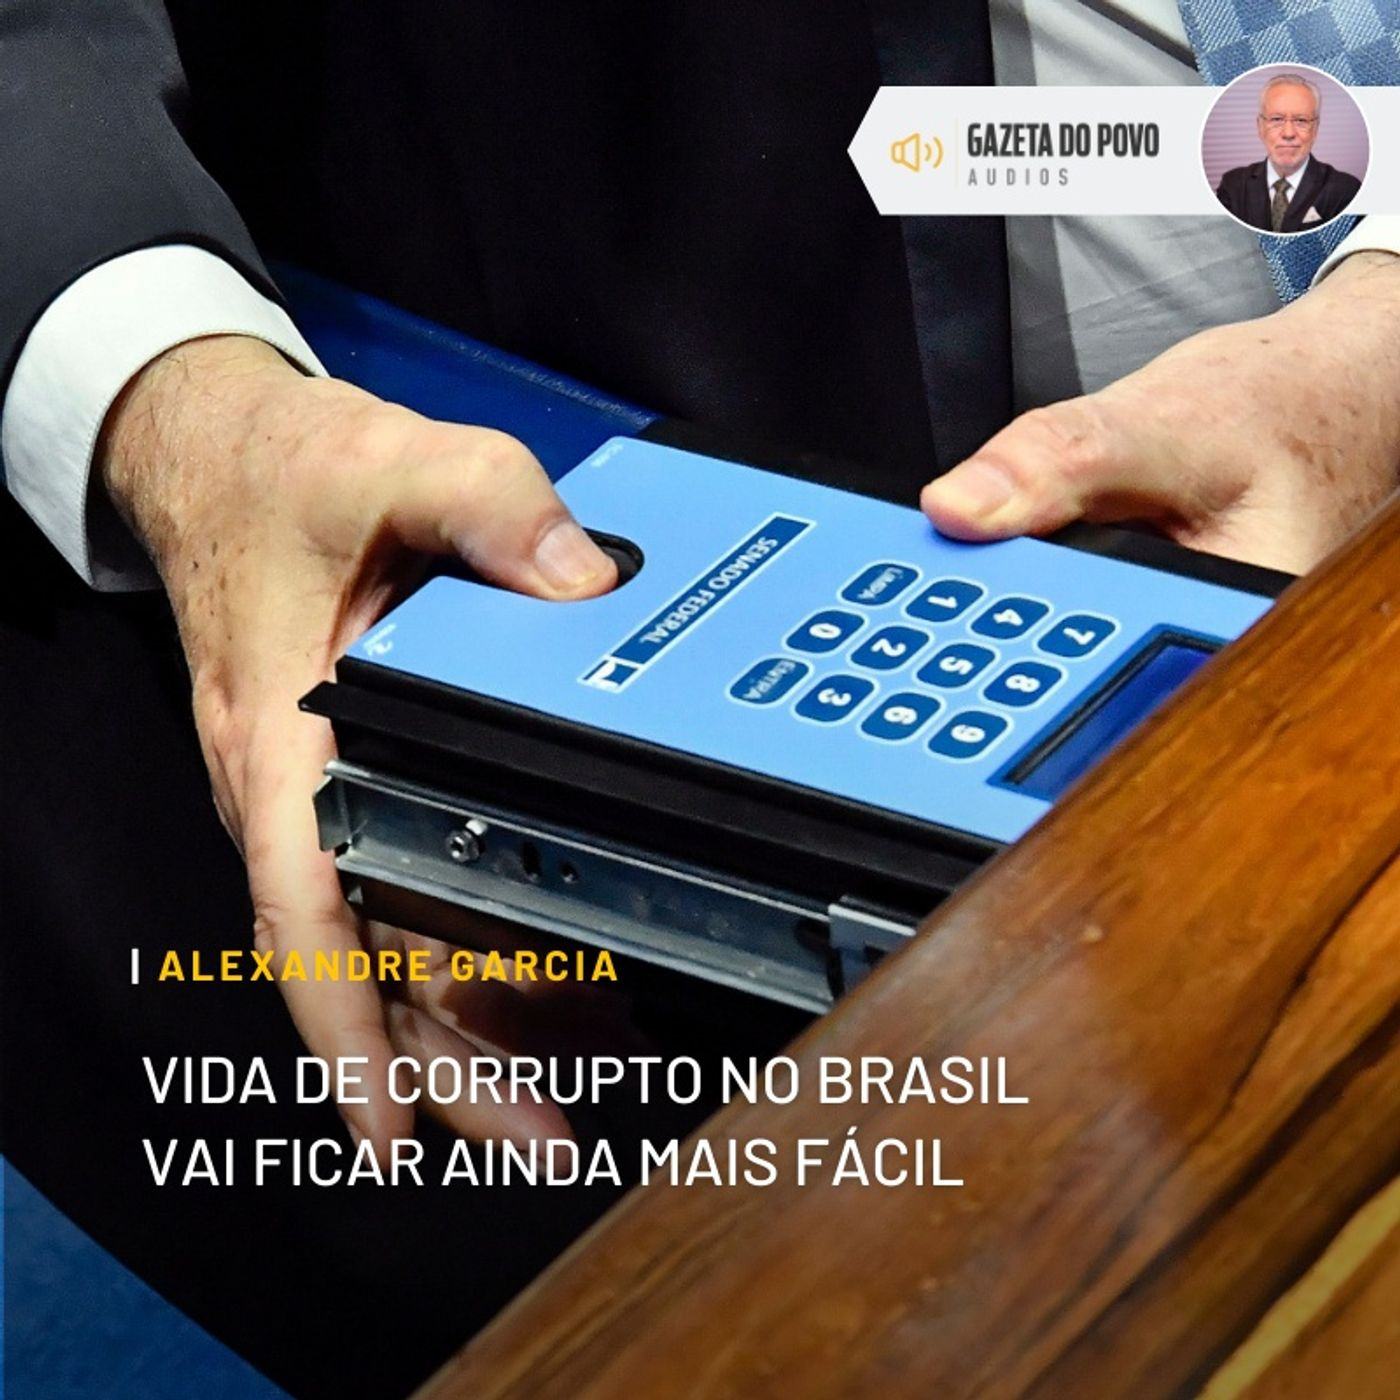 Vida de corrupto no Brasil vai ficar ainda mais fácil